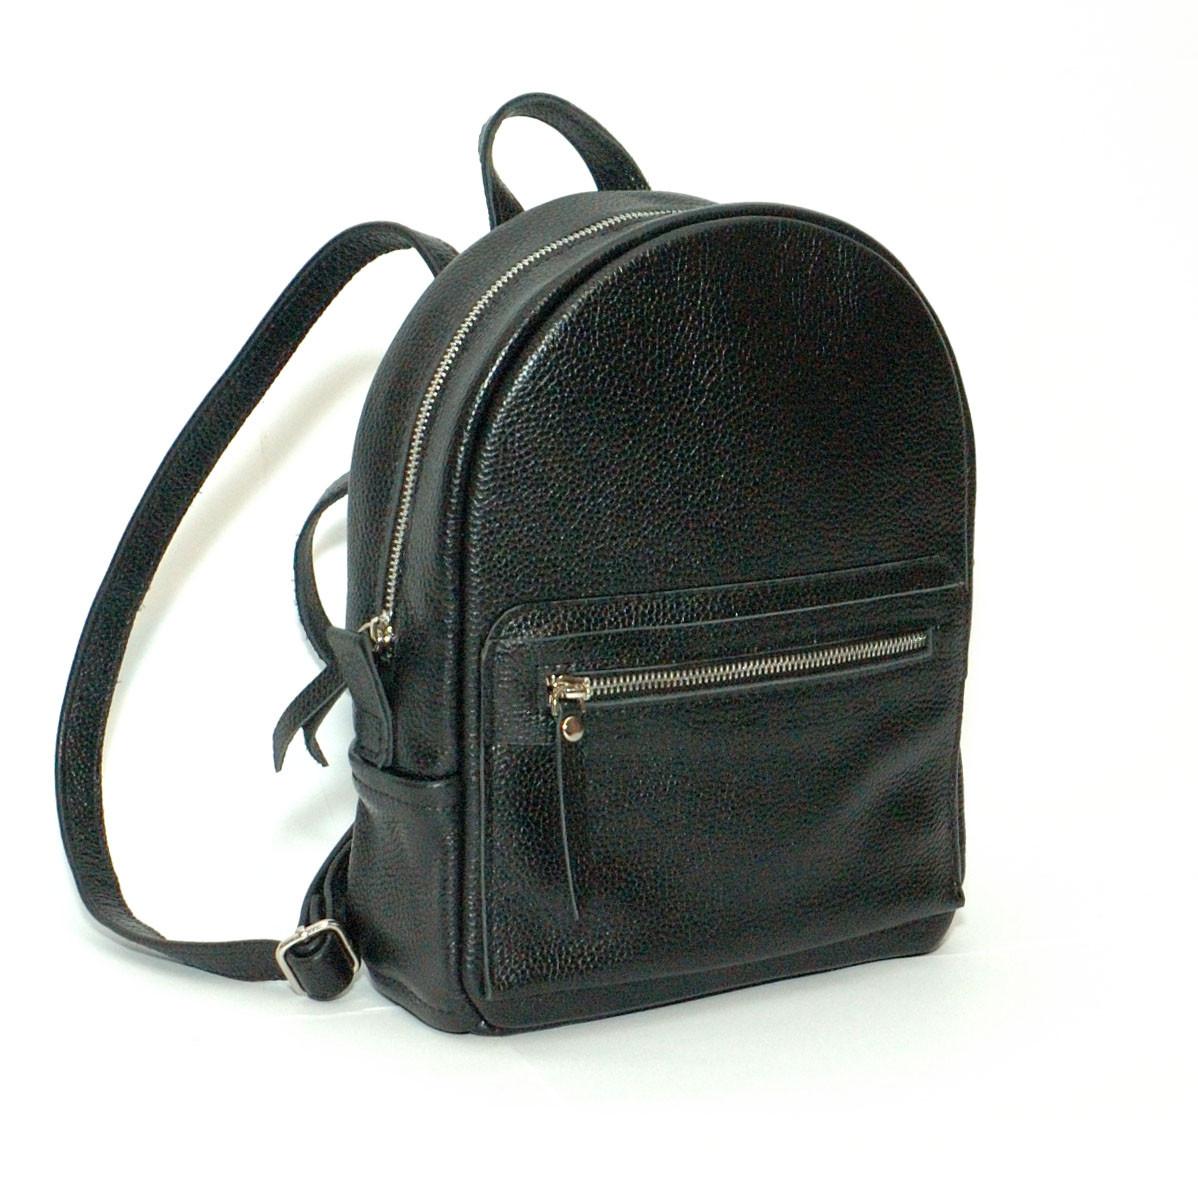 Женский кожаный рюкзак 02 черный флотар стандарт 02020101